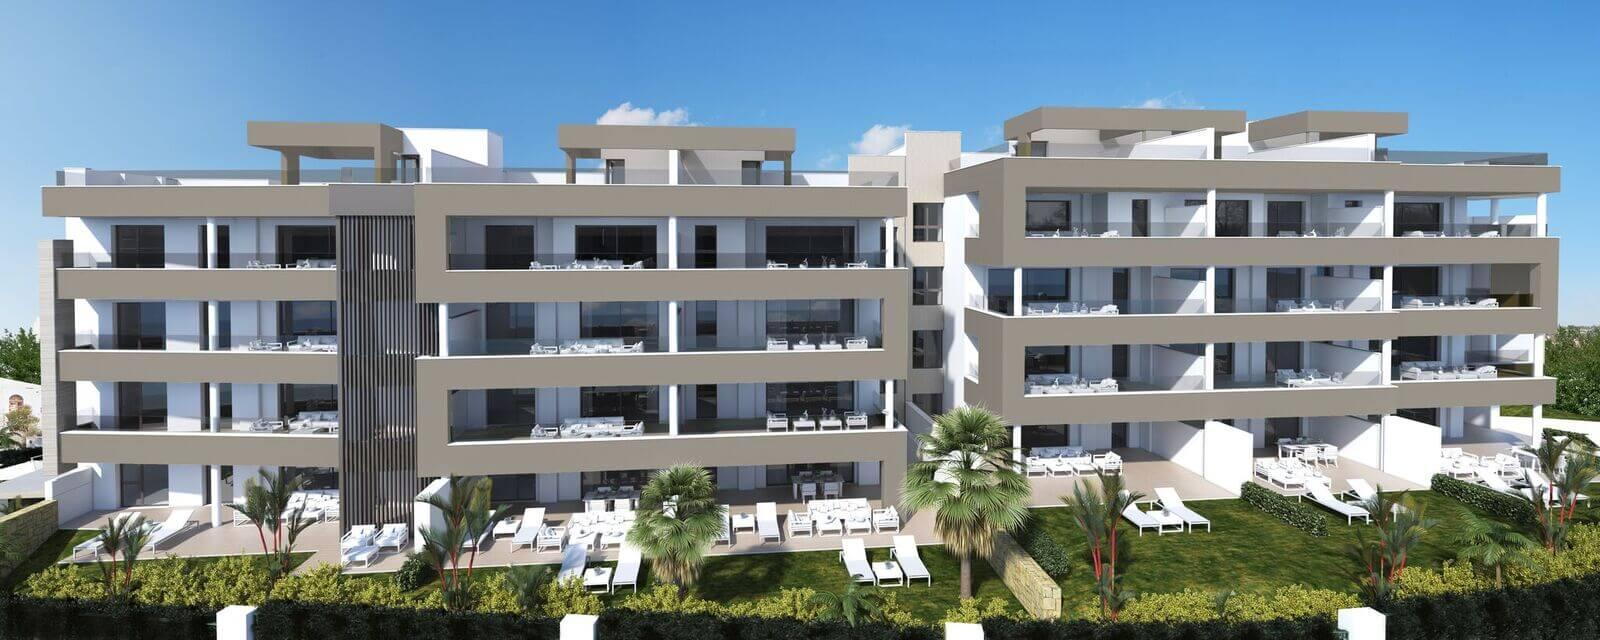 royal banus nueva andalucia taylor wimpey nieuwbouw te koop wandelafstand zee terrassen